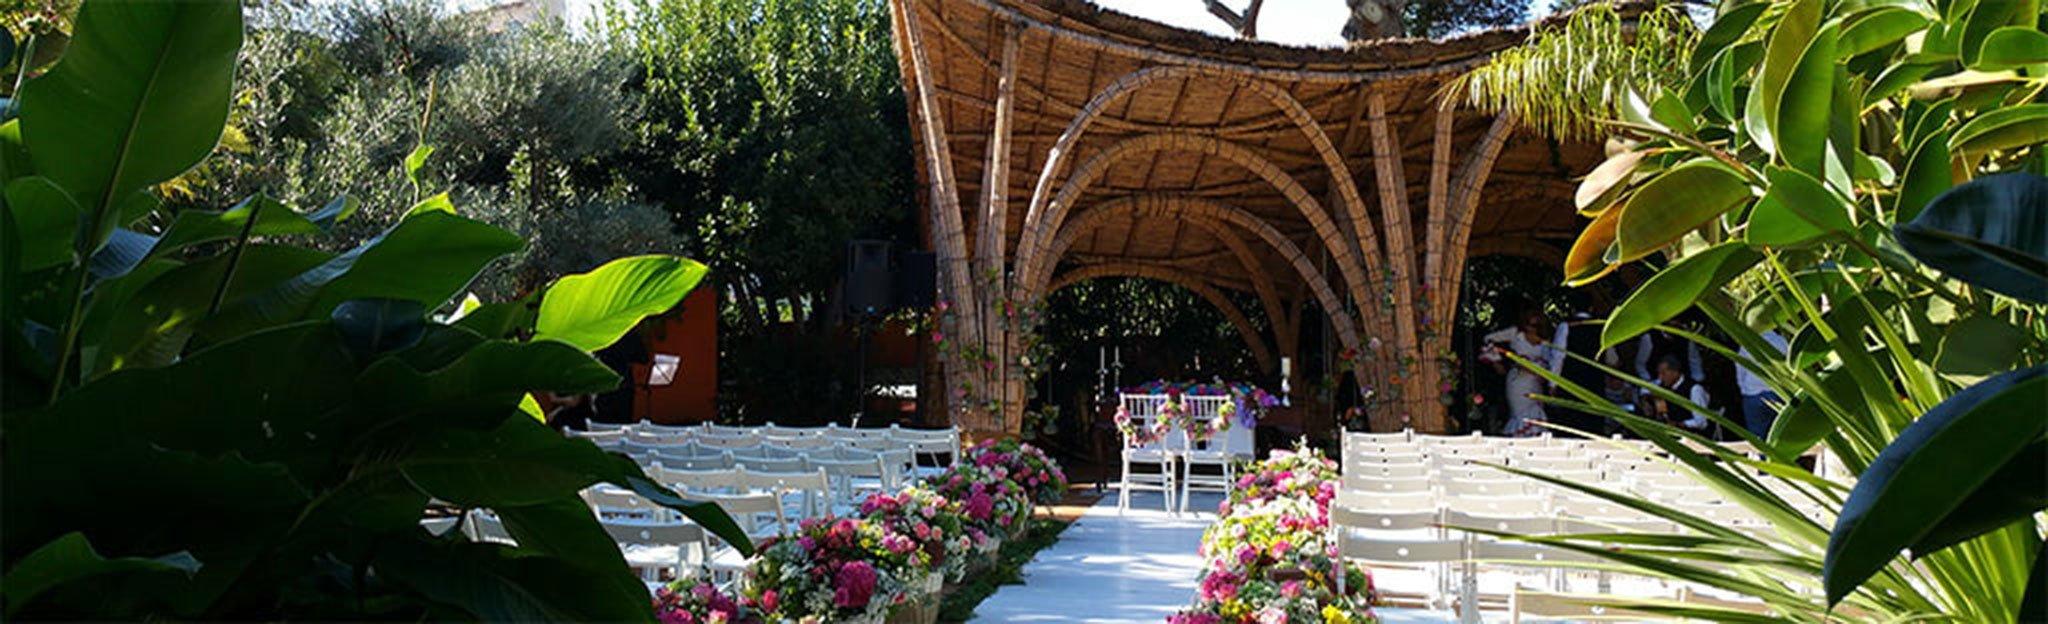 Jardín decorado para una boda en Hotel Les Rotes